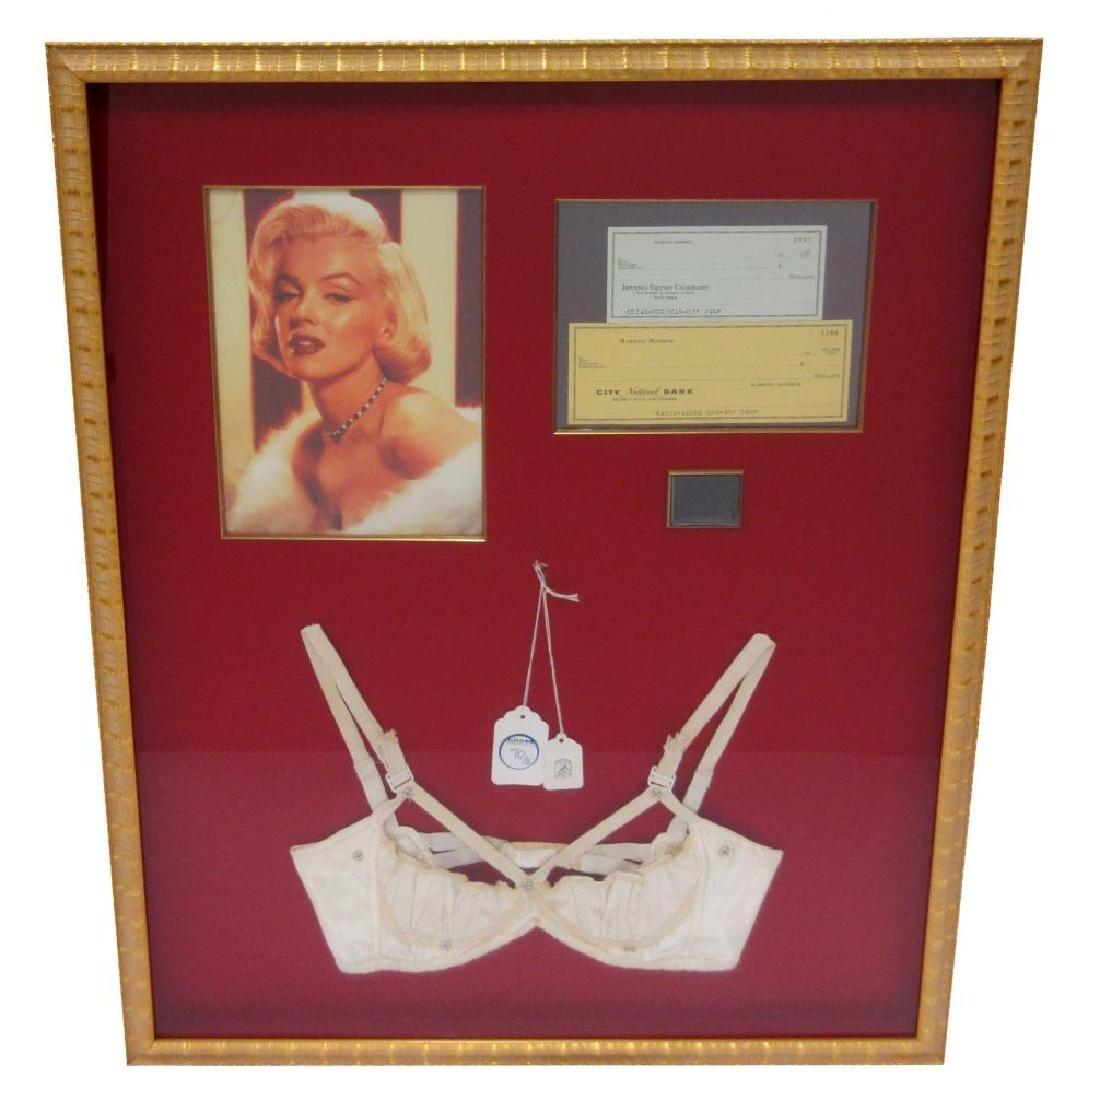 Marilyn Monroe Hair & Lingerie, in Spectacular Display!